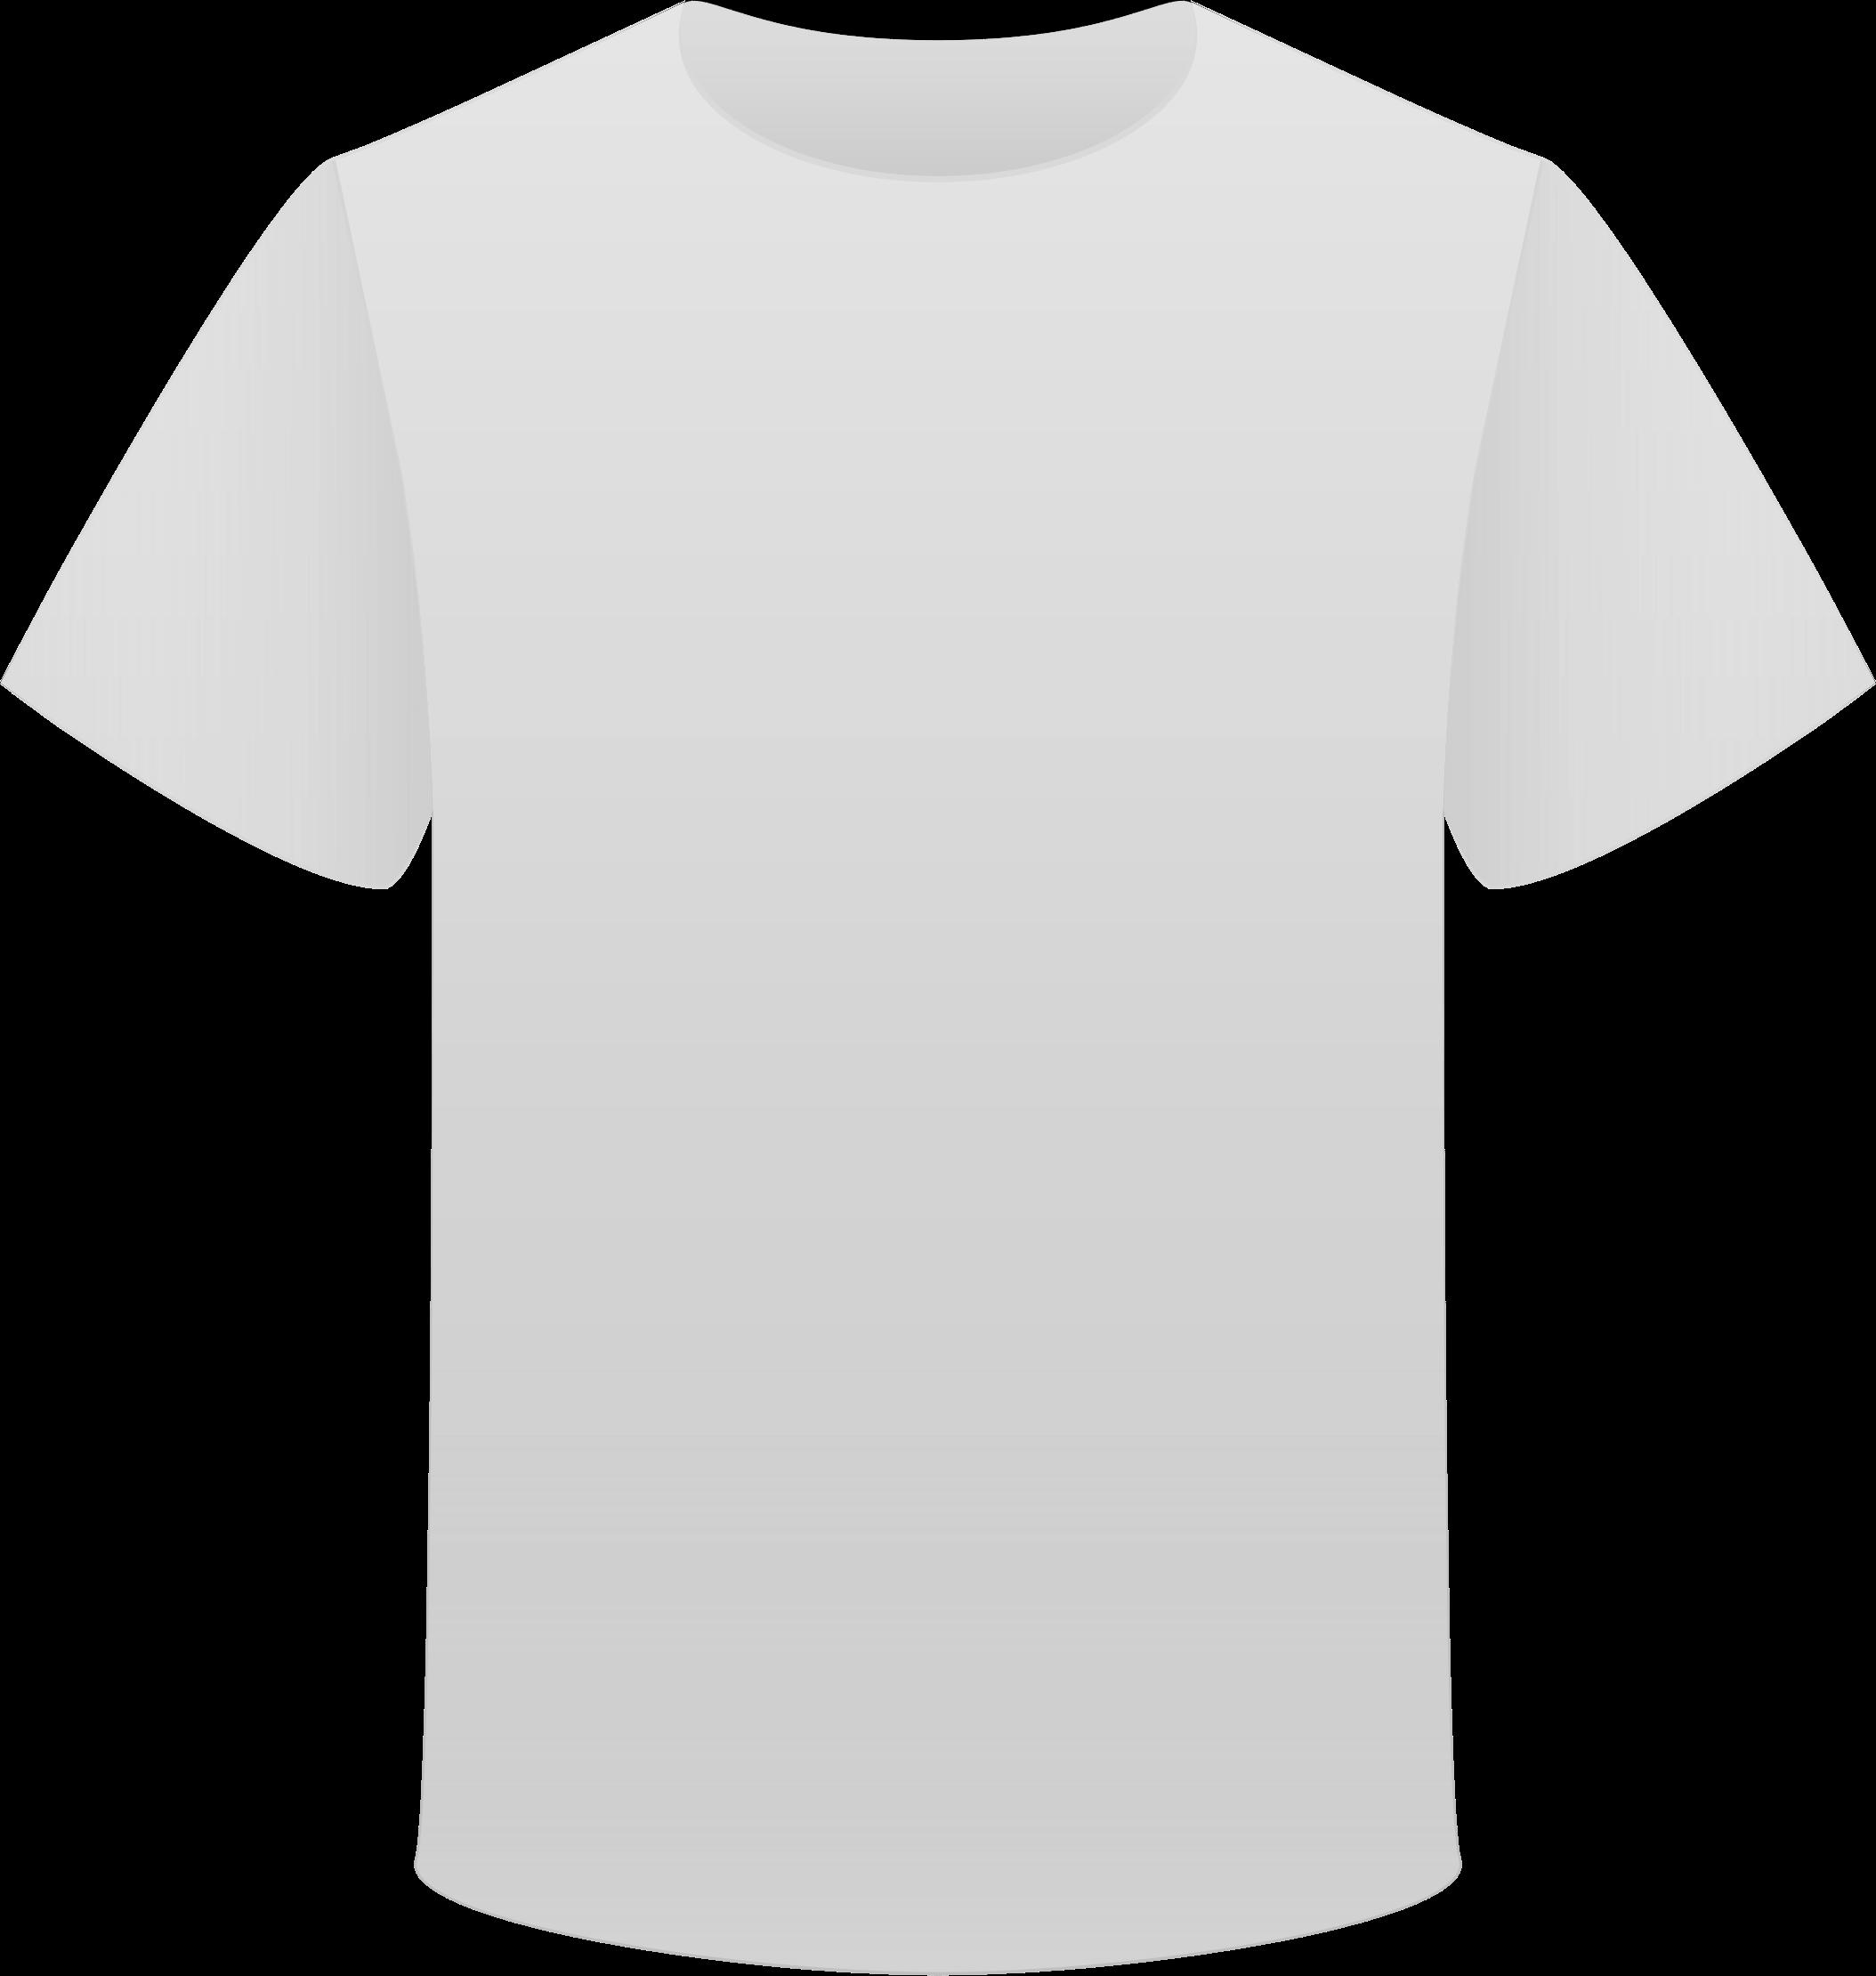 clipart shirt gray shirt